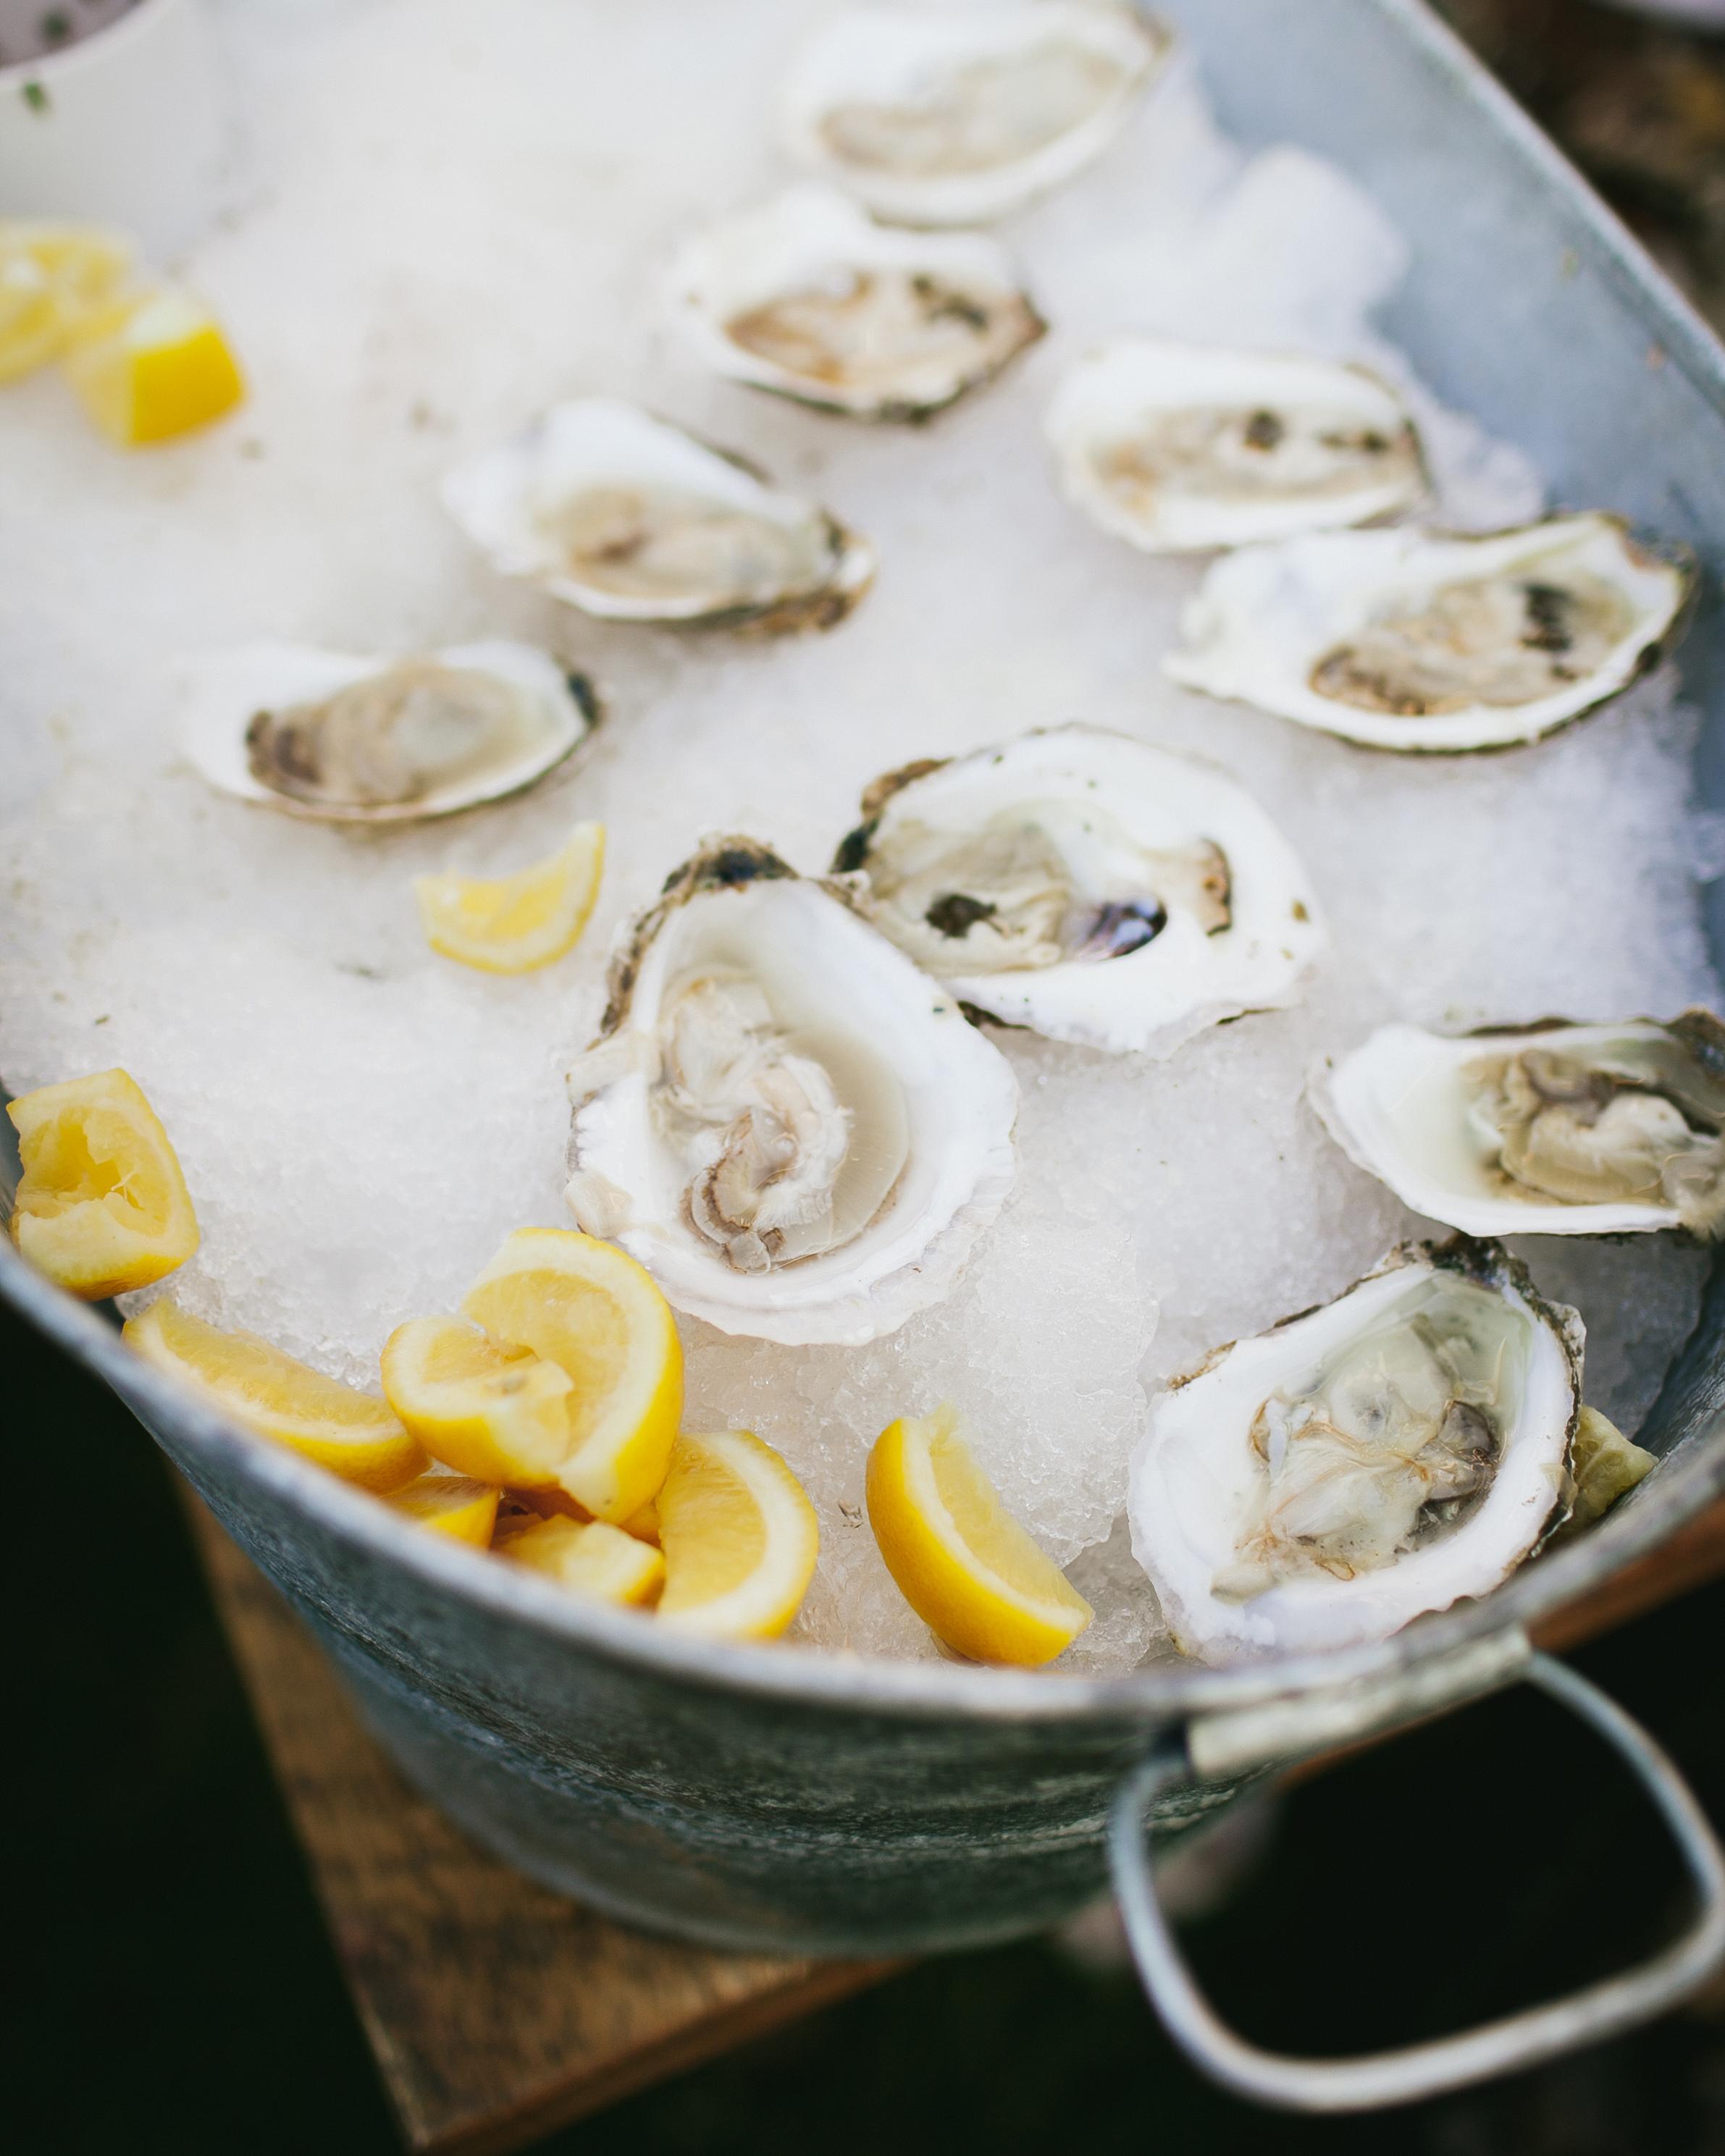 gabriela-tyson-wedding-oysters-0633-s111708-1214.jpg